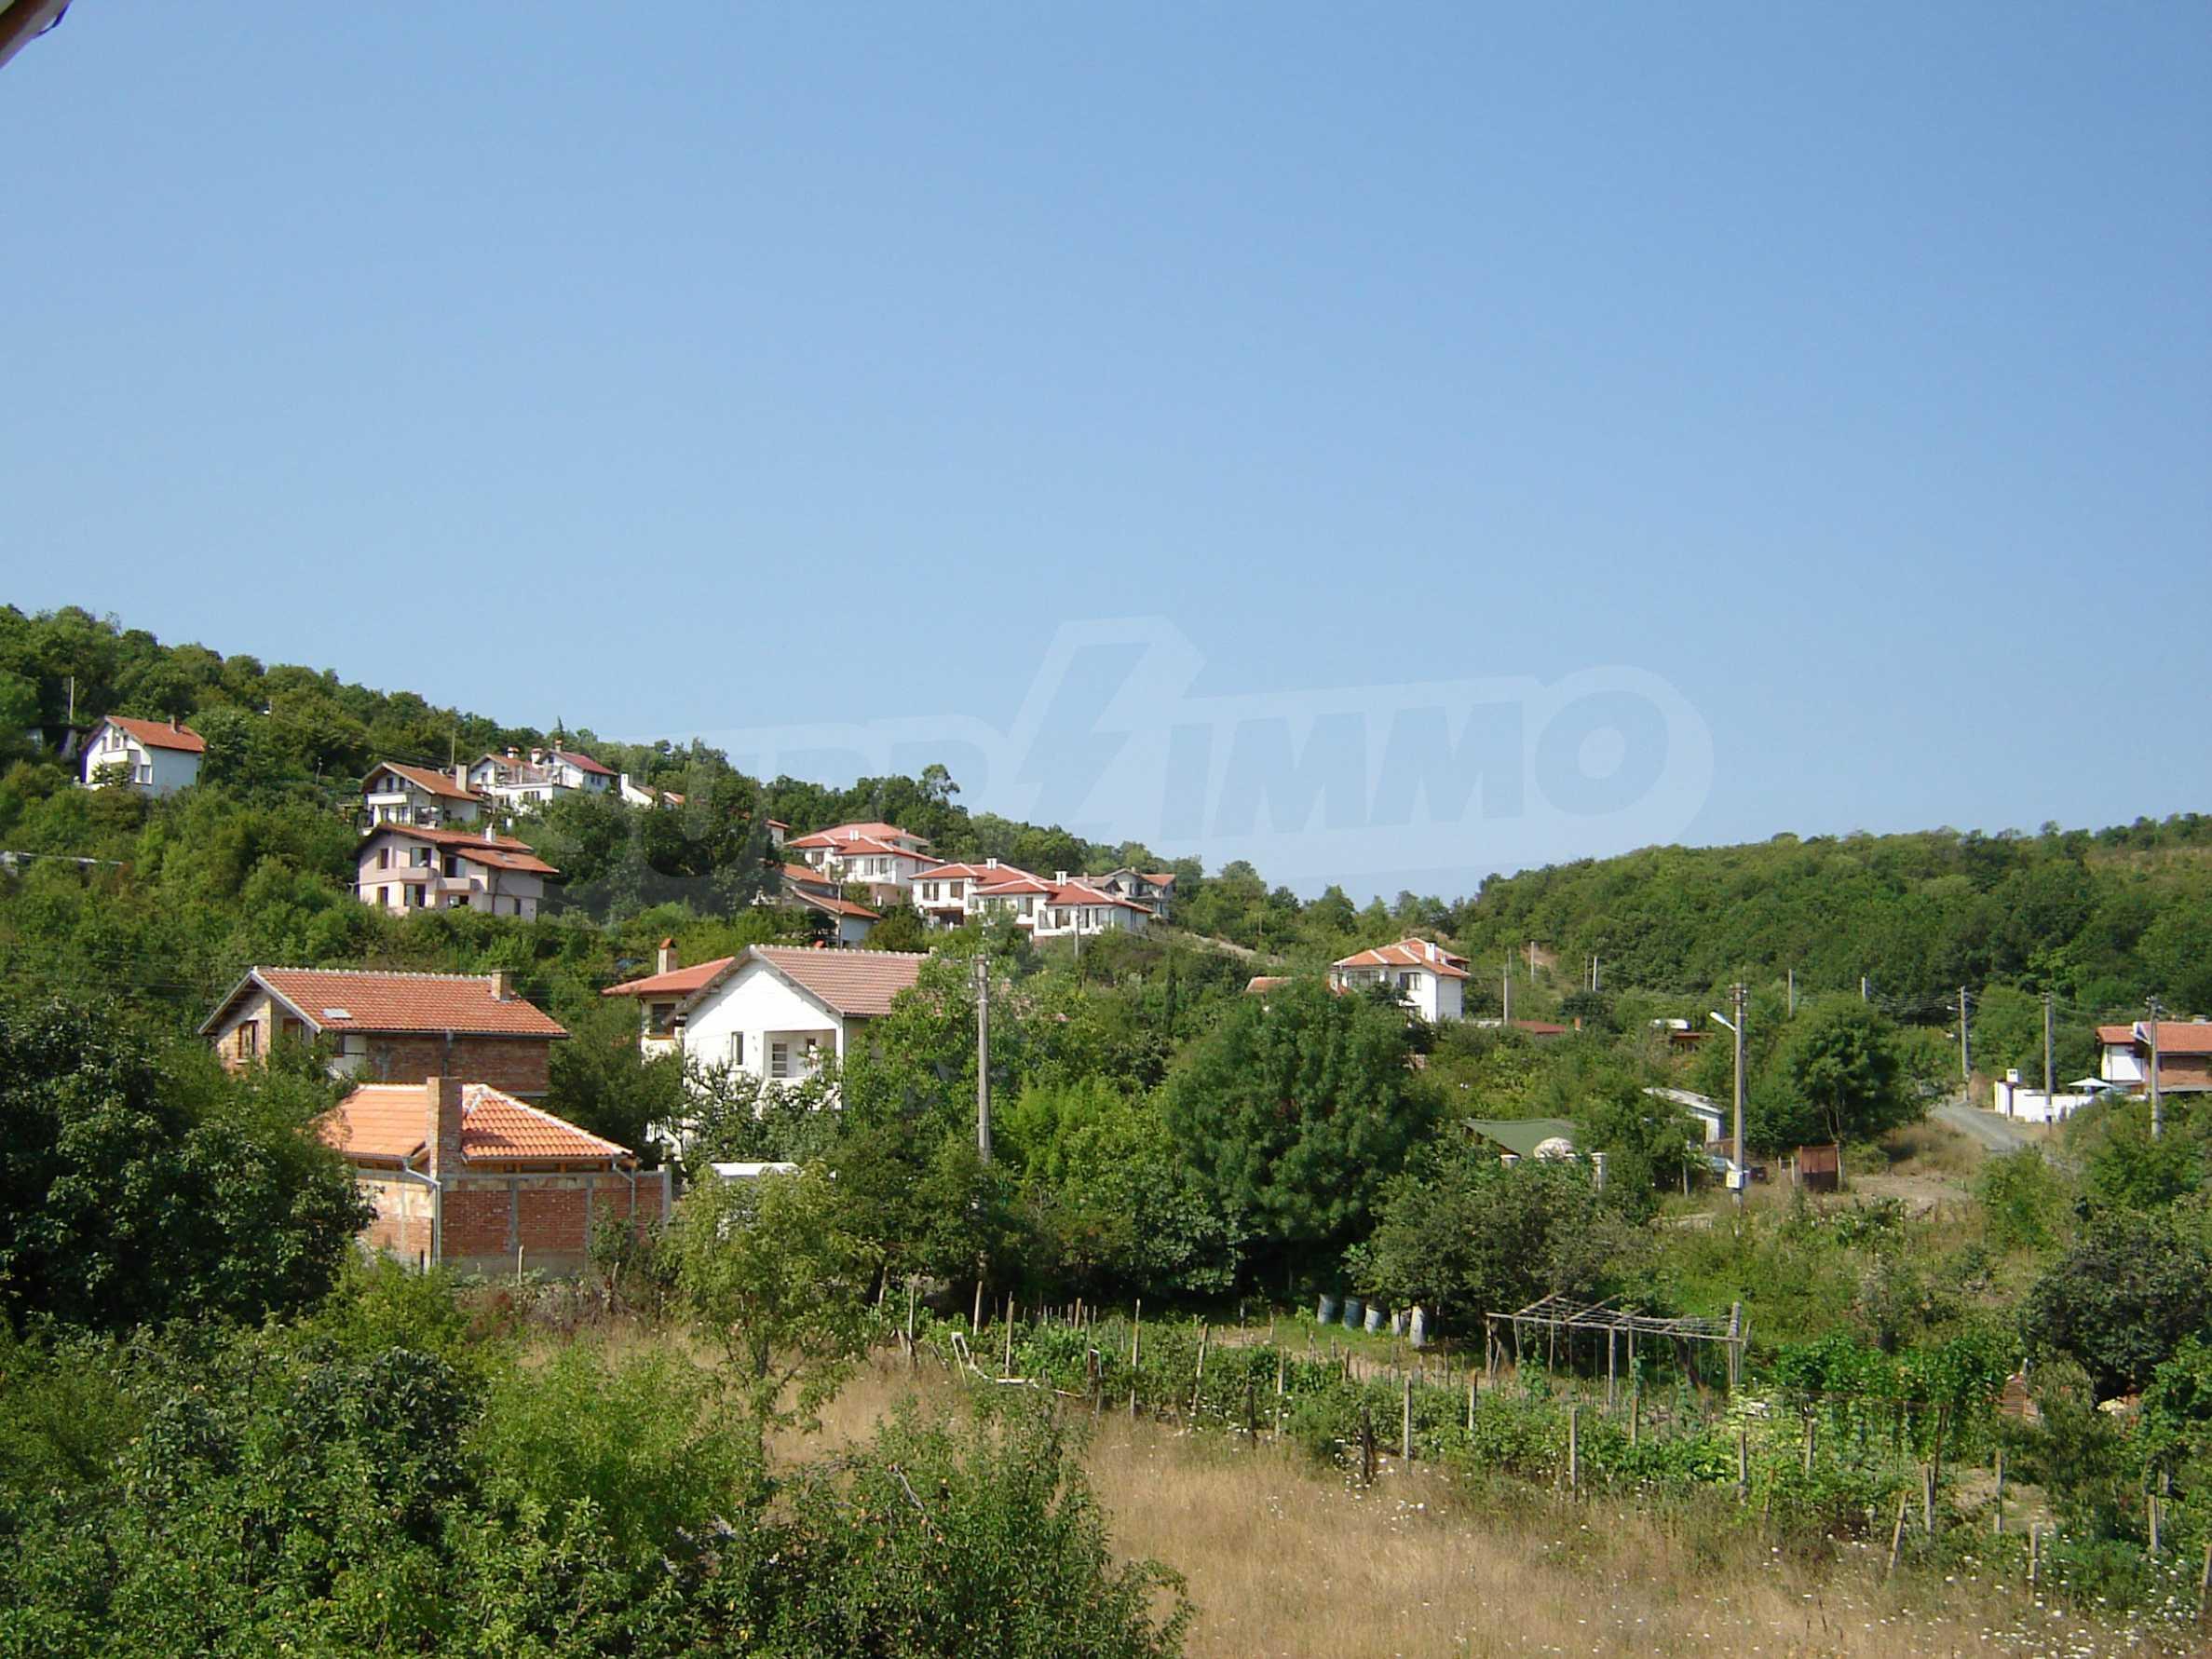 House of family hotel type for sale in Primorsko 28